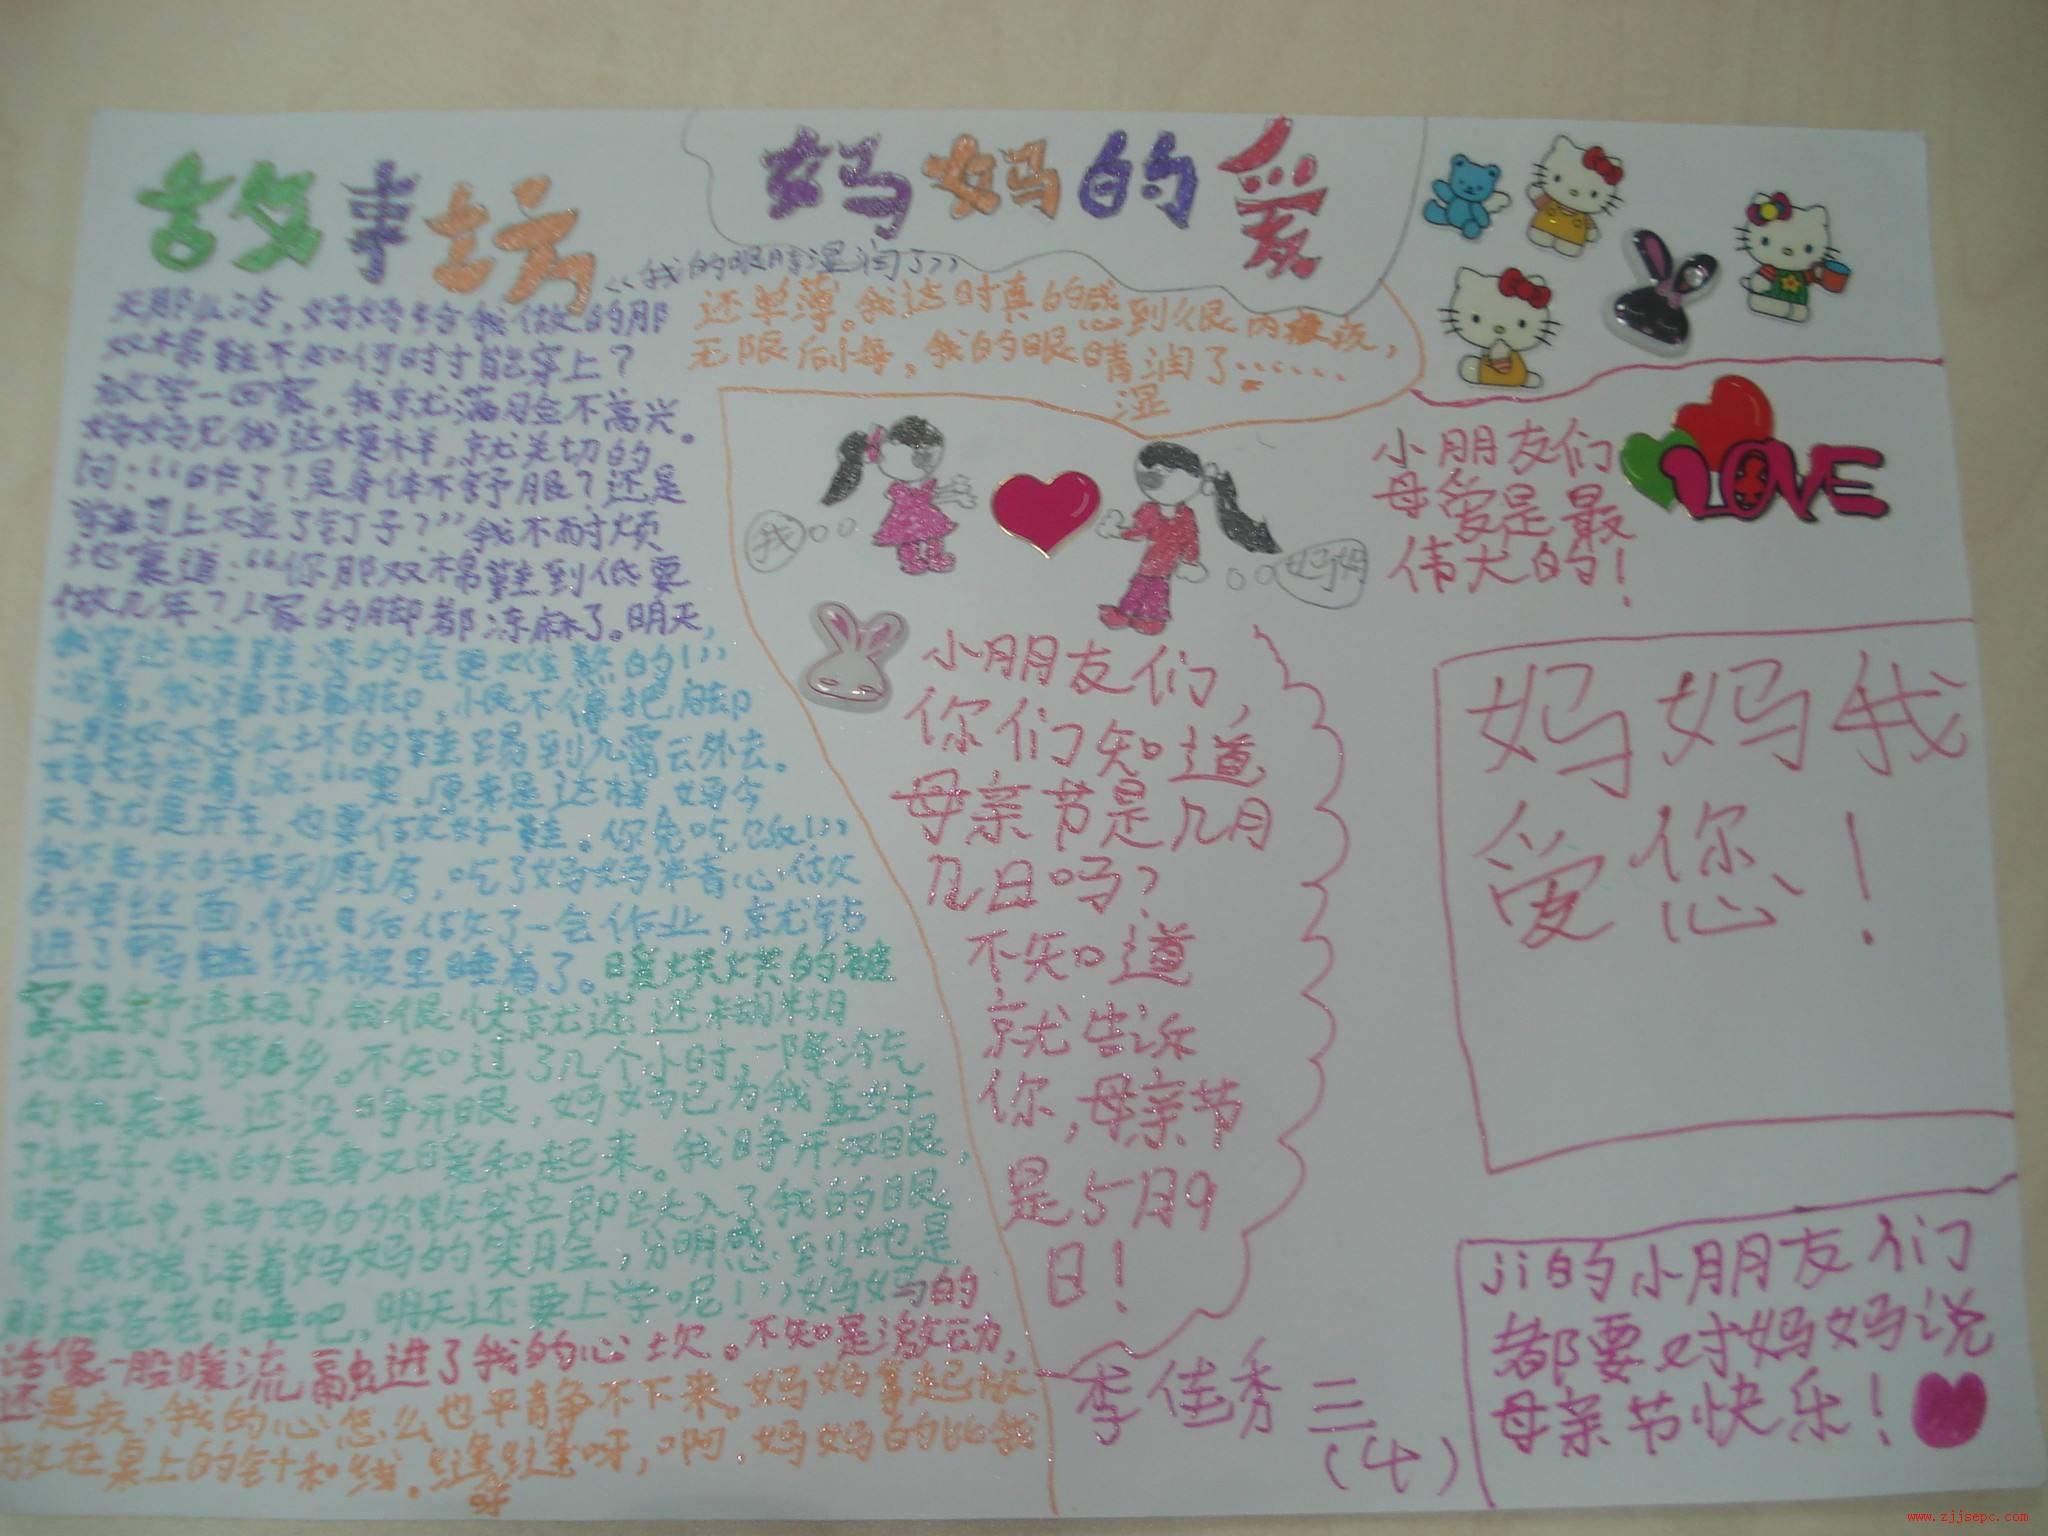 中秋节儿童图画大全_手抄报_手抄报图片_小学生手抄报_手抄报大全